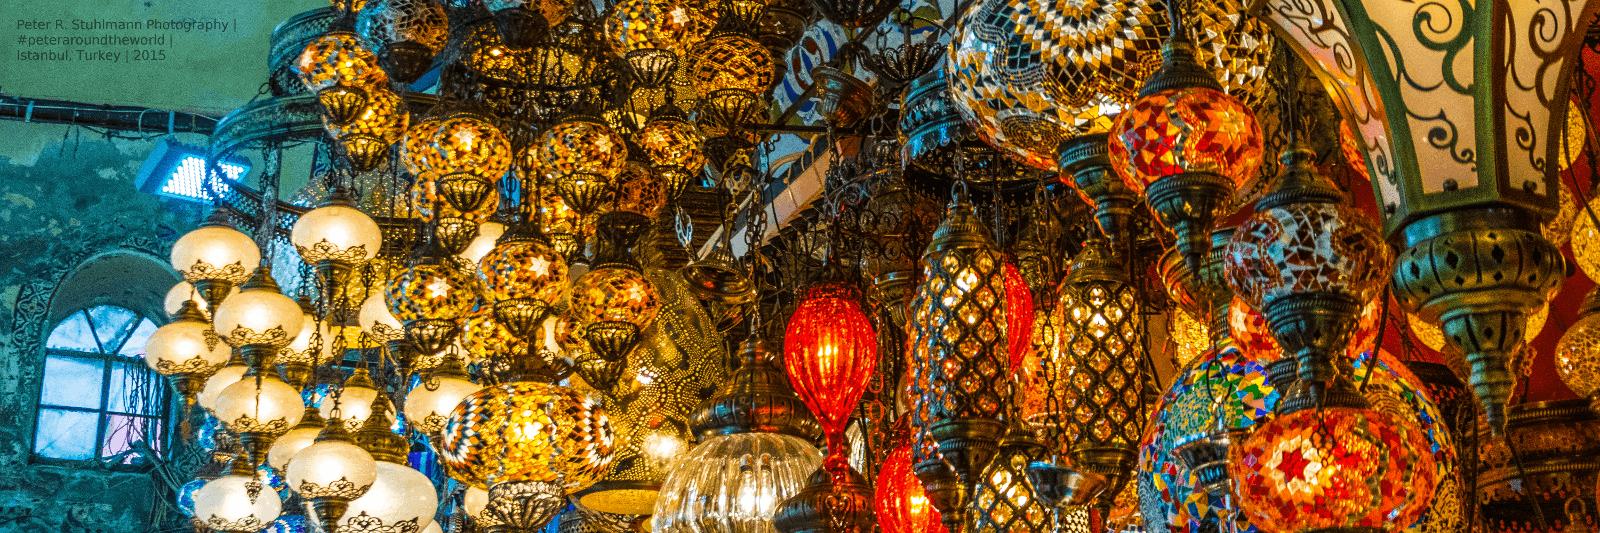 Istanbul Sehenswürdigkieten: Neben Süßigkeiten-Läden gibt es auf dem Großen Basar zahlreiche Lampenläden.